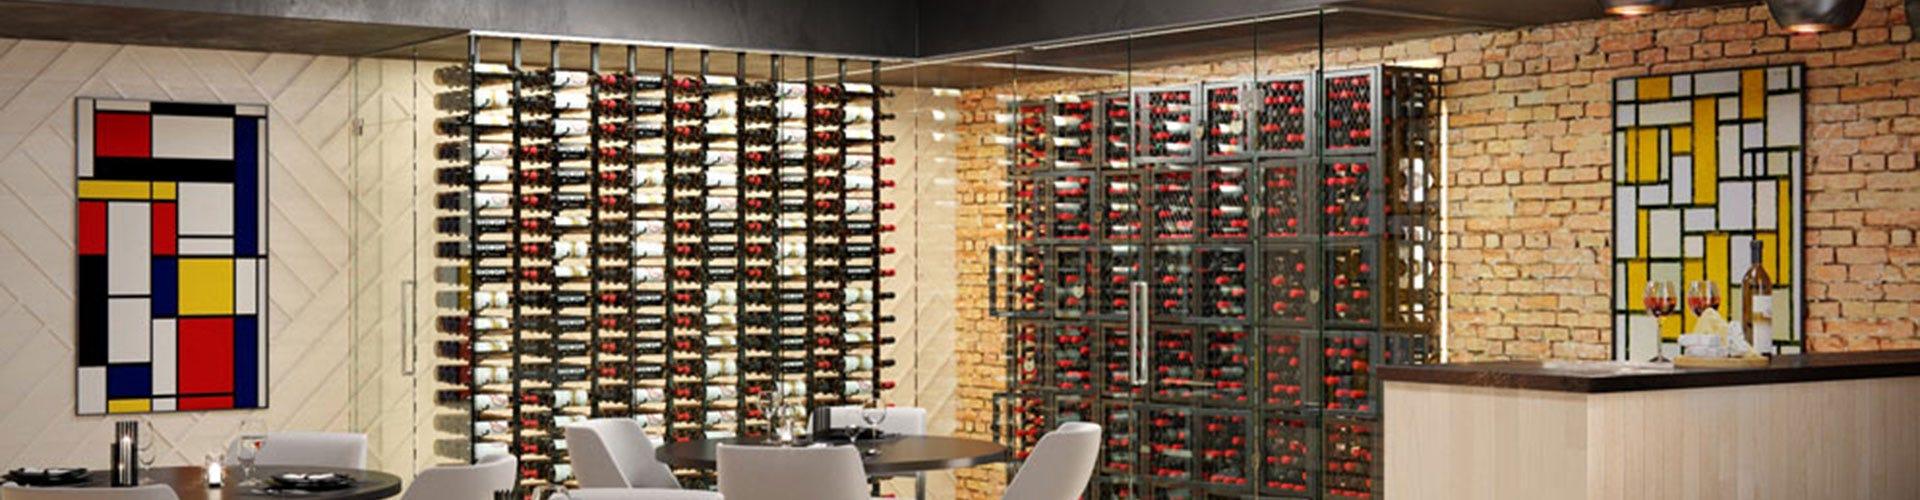 VintageView Wine Racks